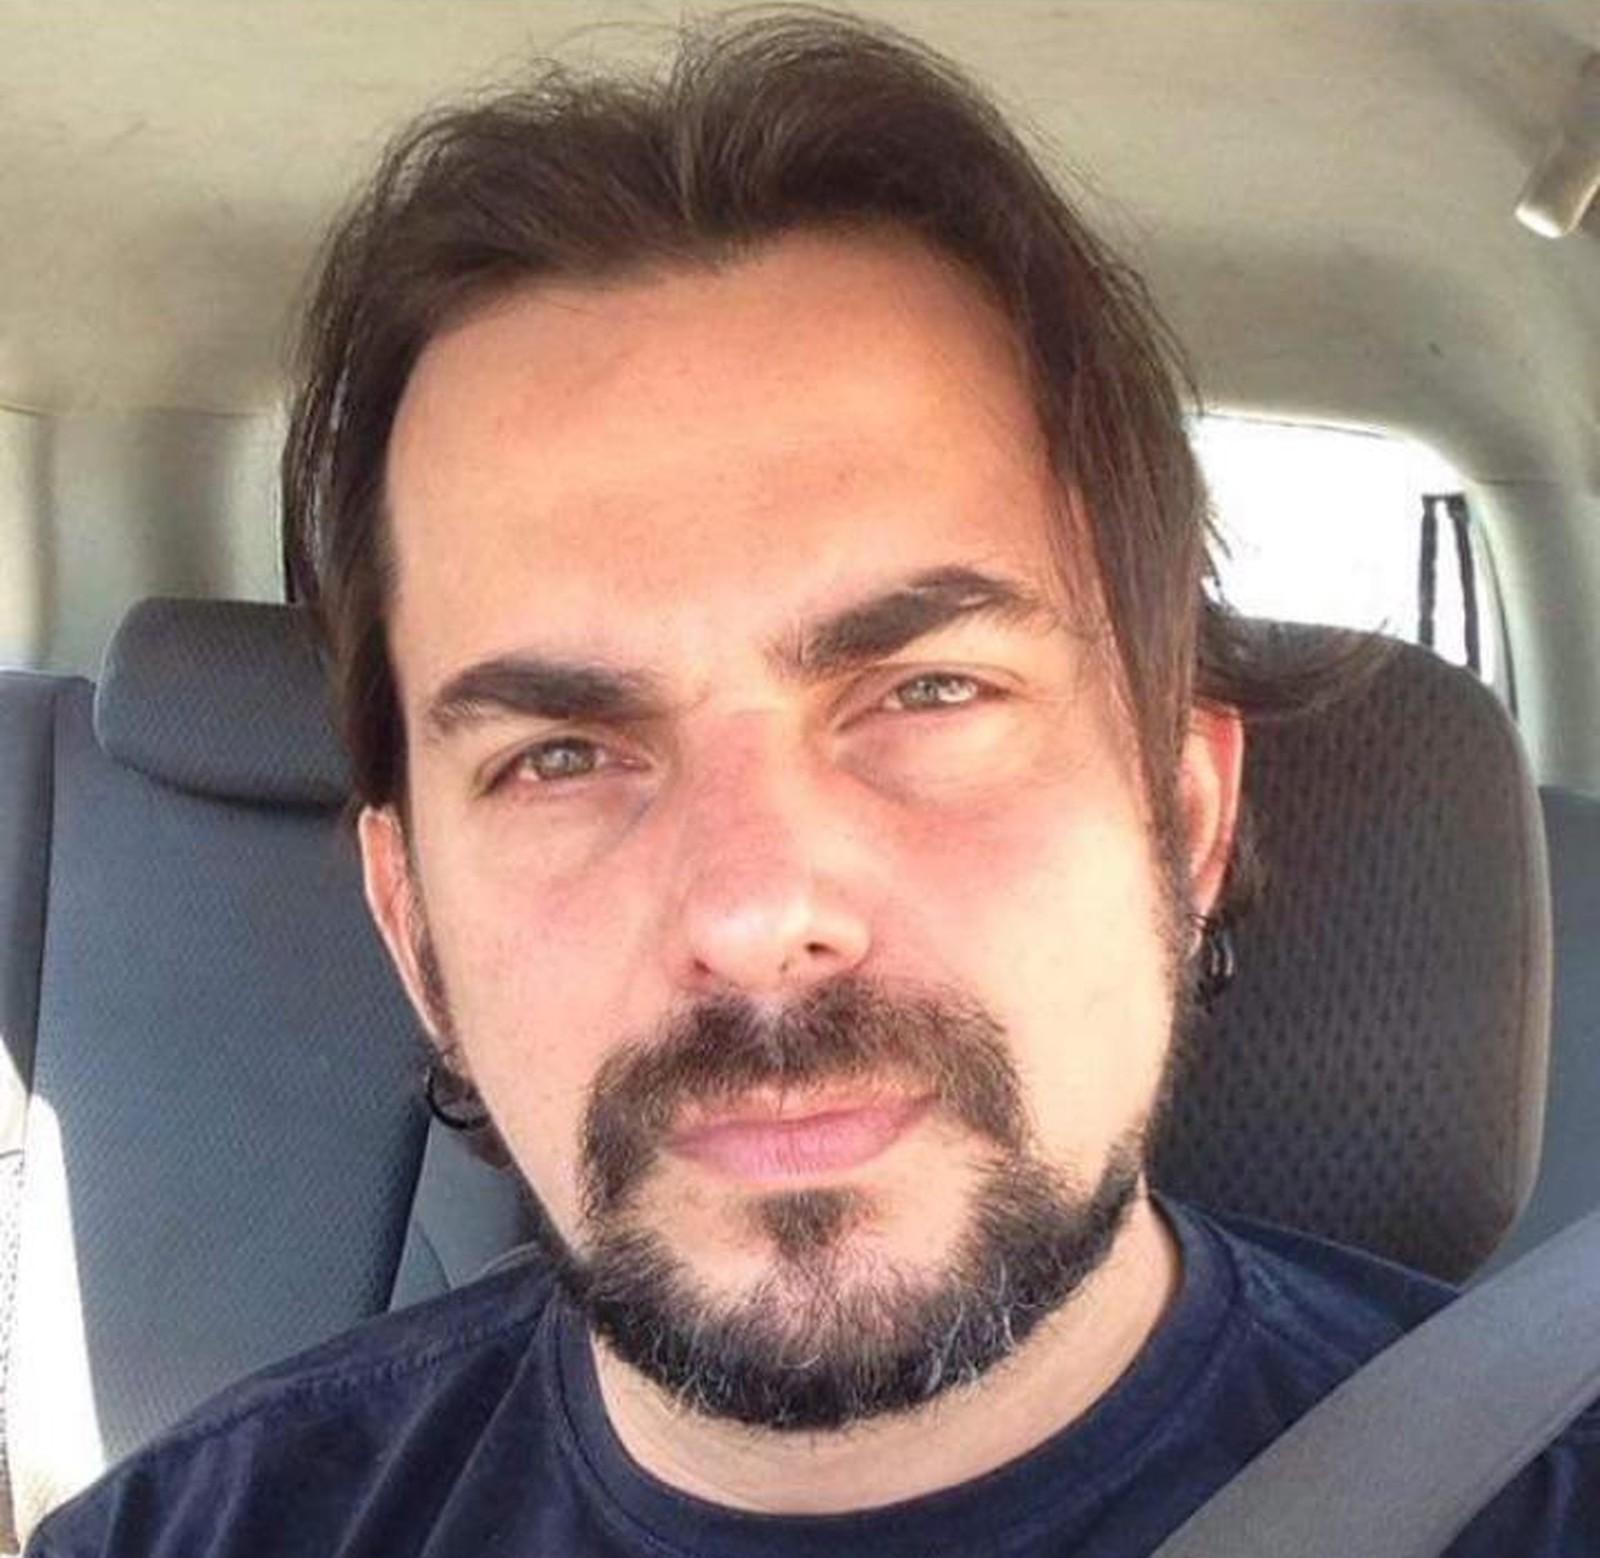 Empresário é baleado após agredir cliente em bar de Araguaína, diz polícia